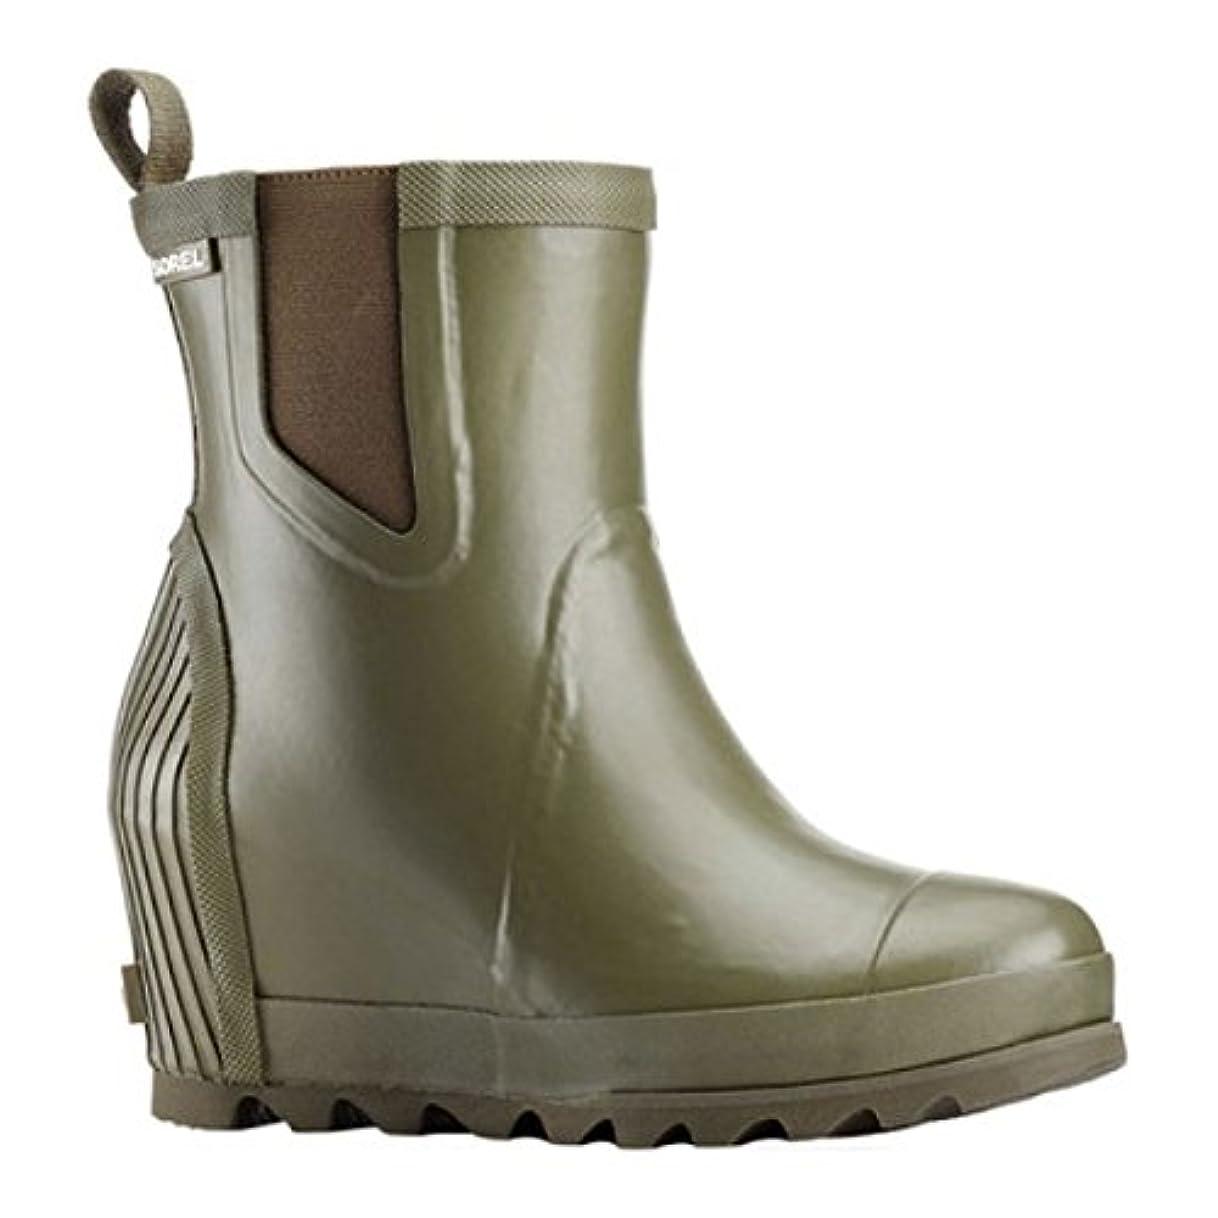 不倫アナニバーまた明日ね(ソレル) Sorel レディース シューズ?靴 ブーツ Joan Rain Wedge Chelsea Boot [並行輸入品]